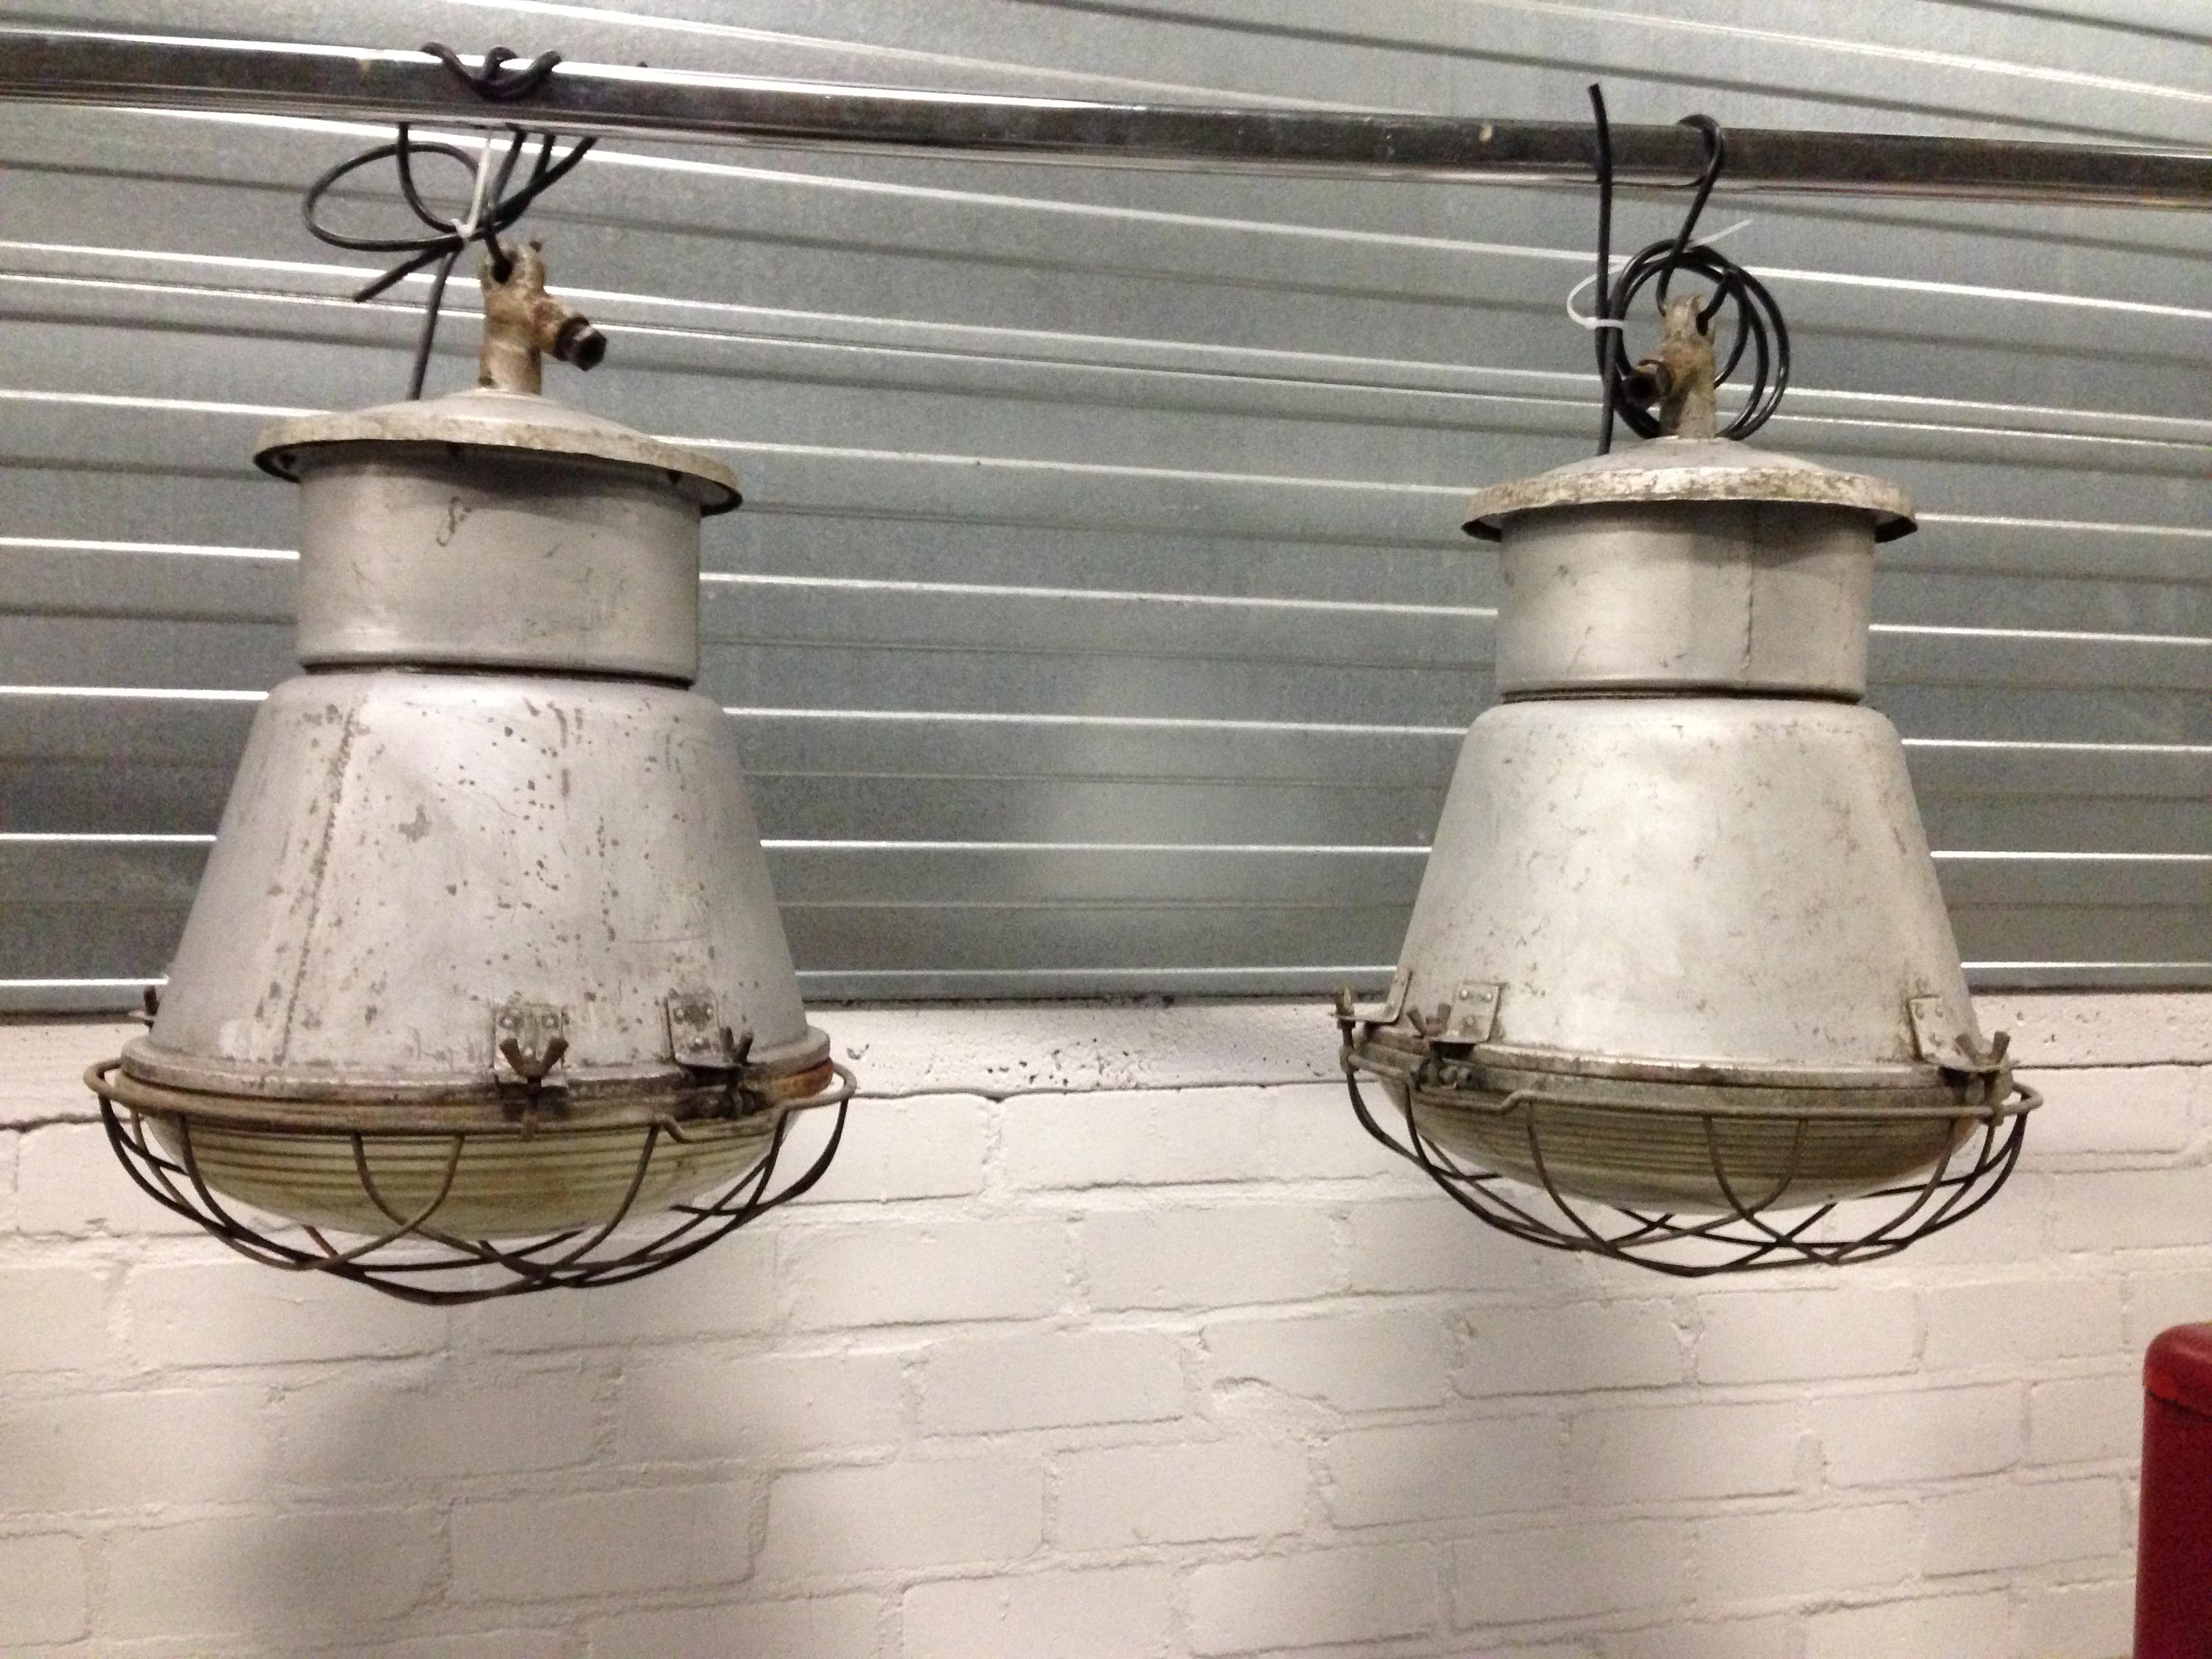 Gebruikte Industriele Lampen : Industriele lampen fabriekslampen bol glas no 007 a landzicht